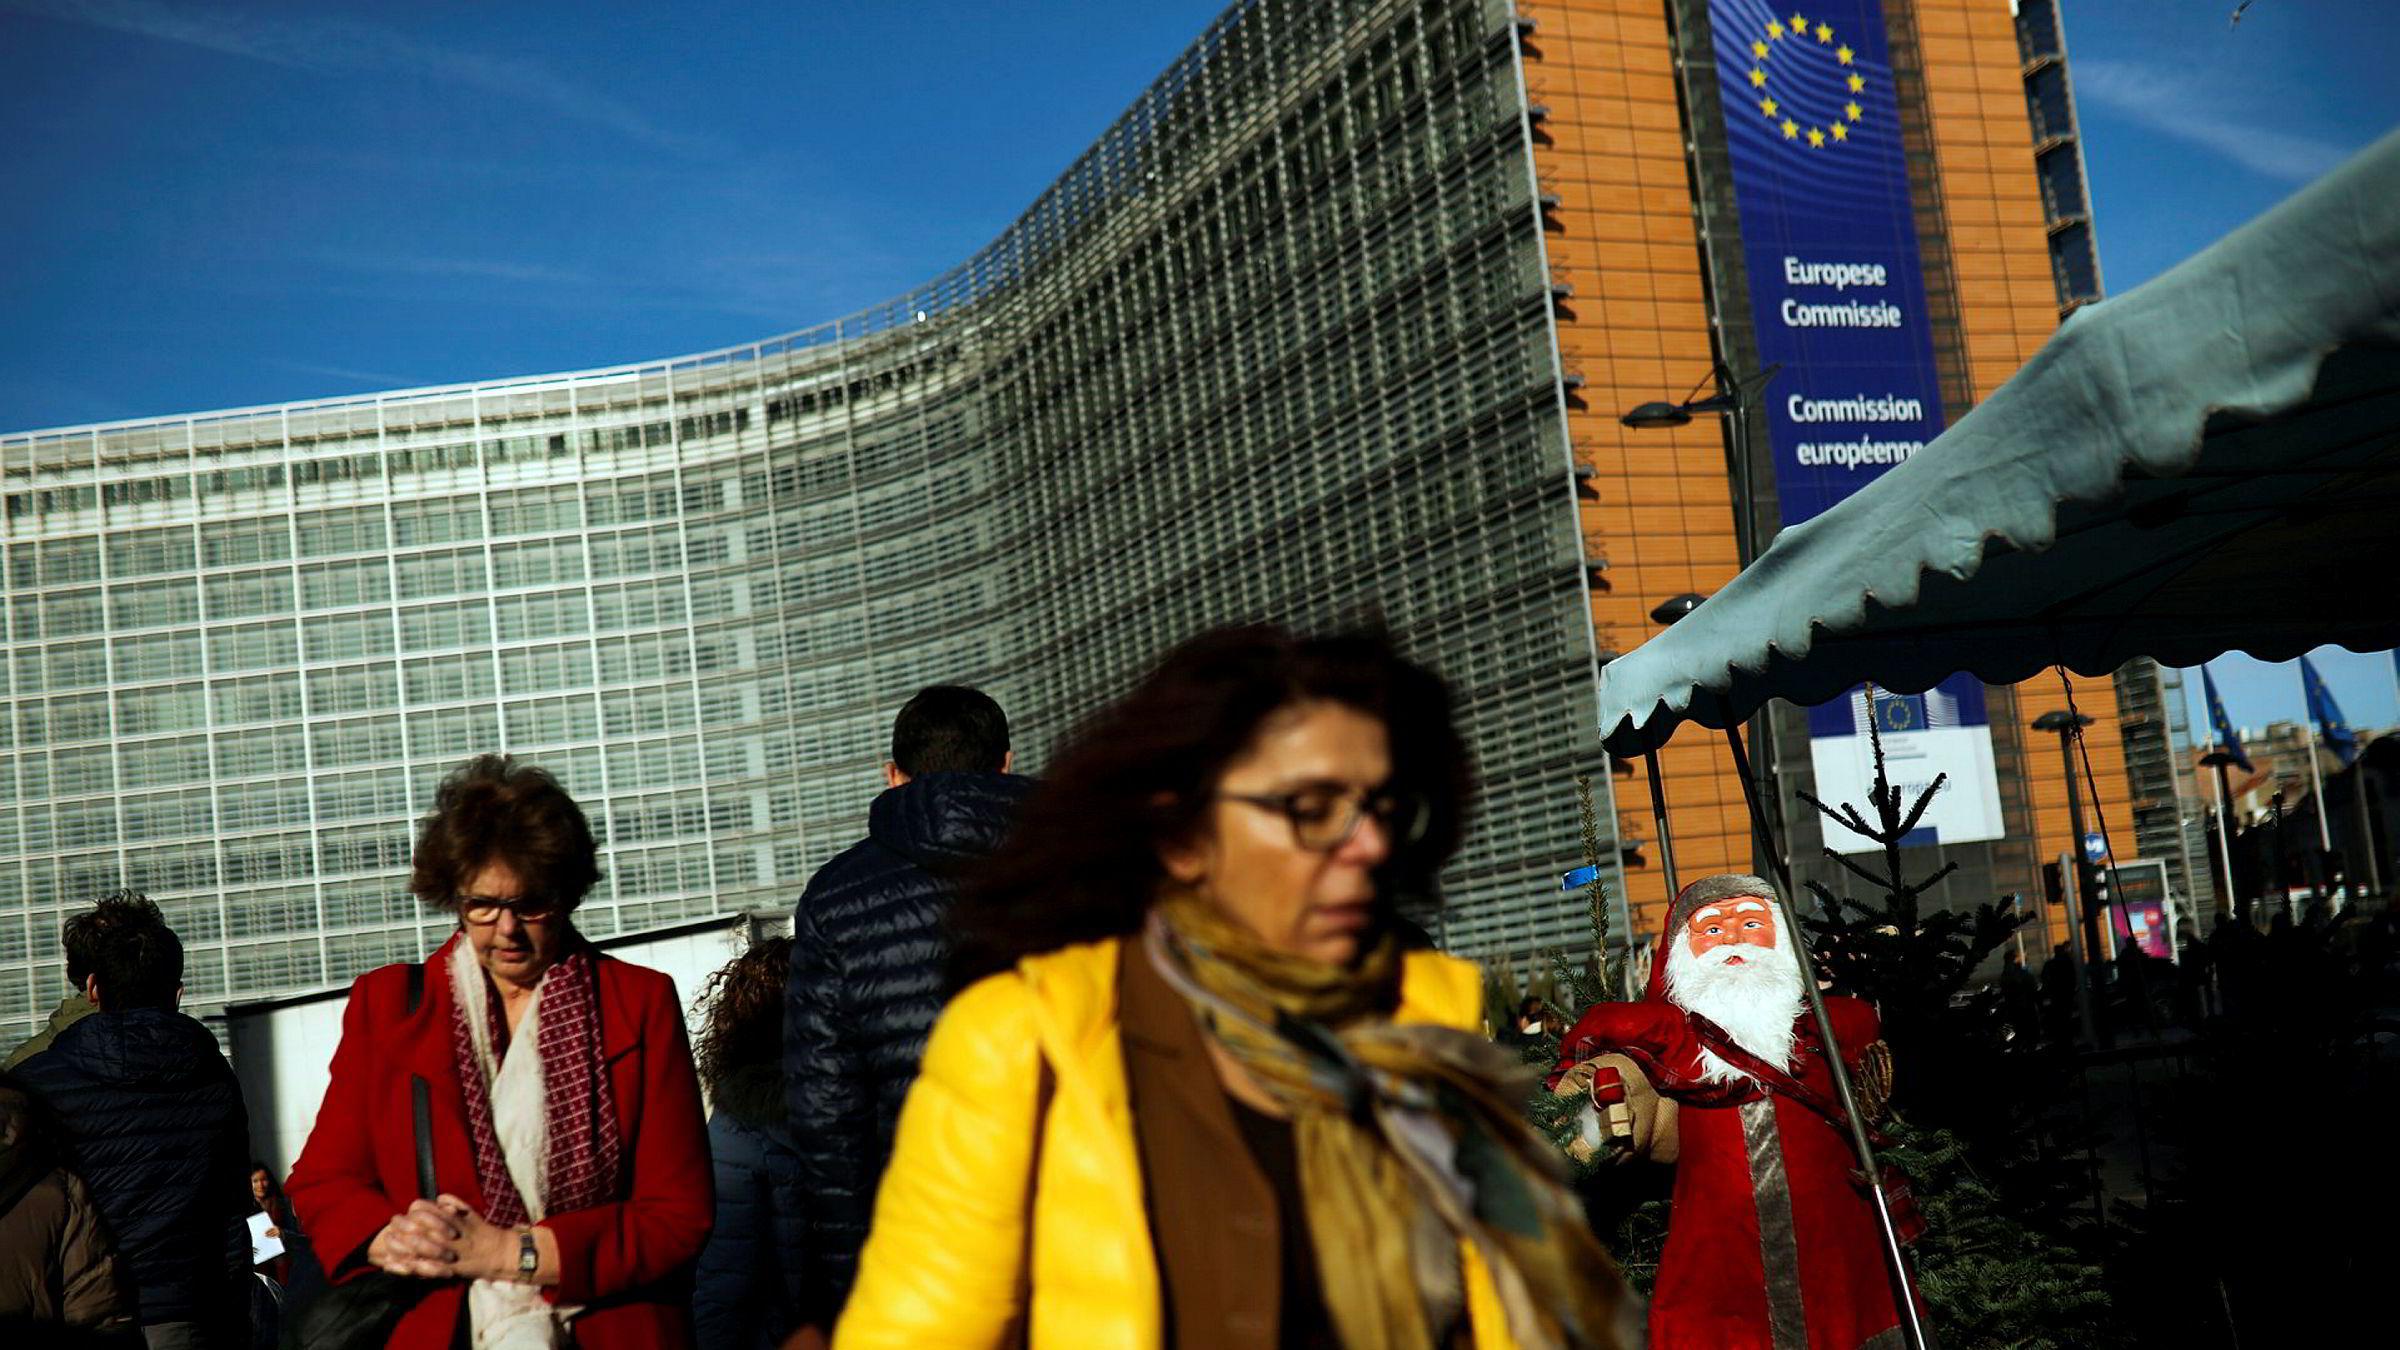 Folk i EU-landene mener jobb og klima er viktigste saker.